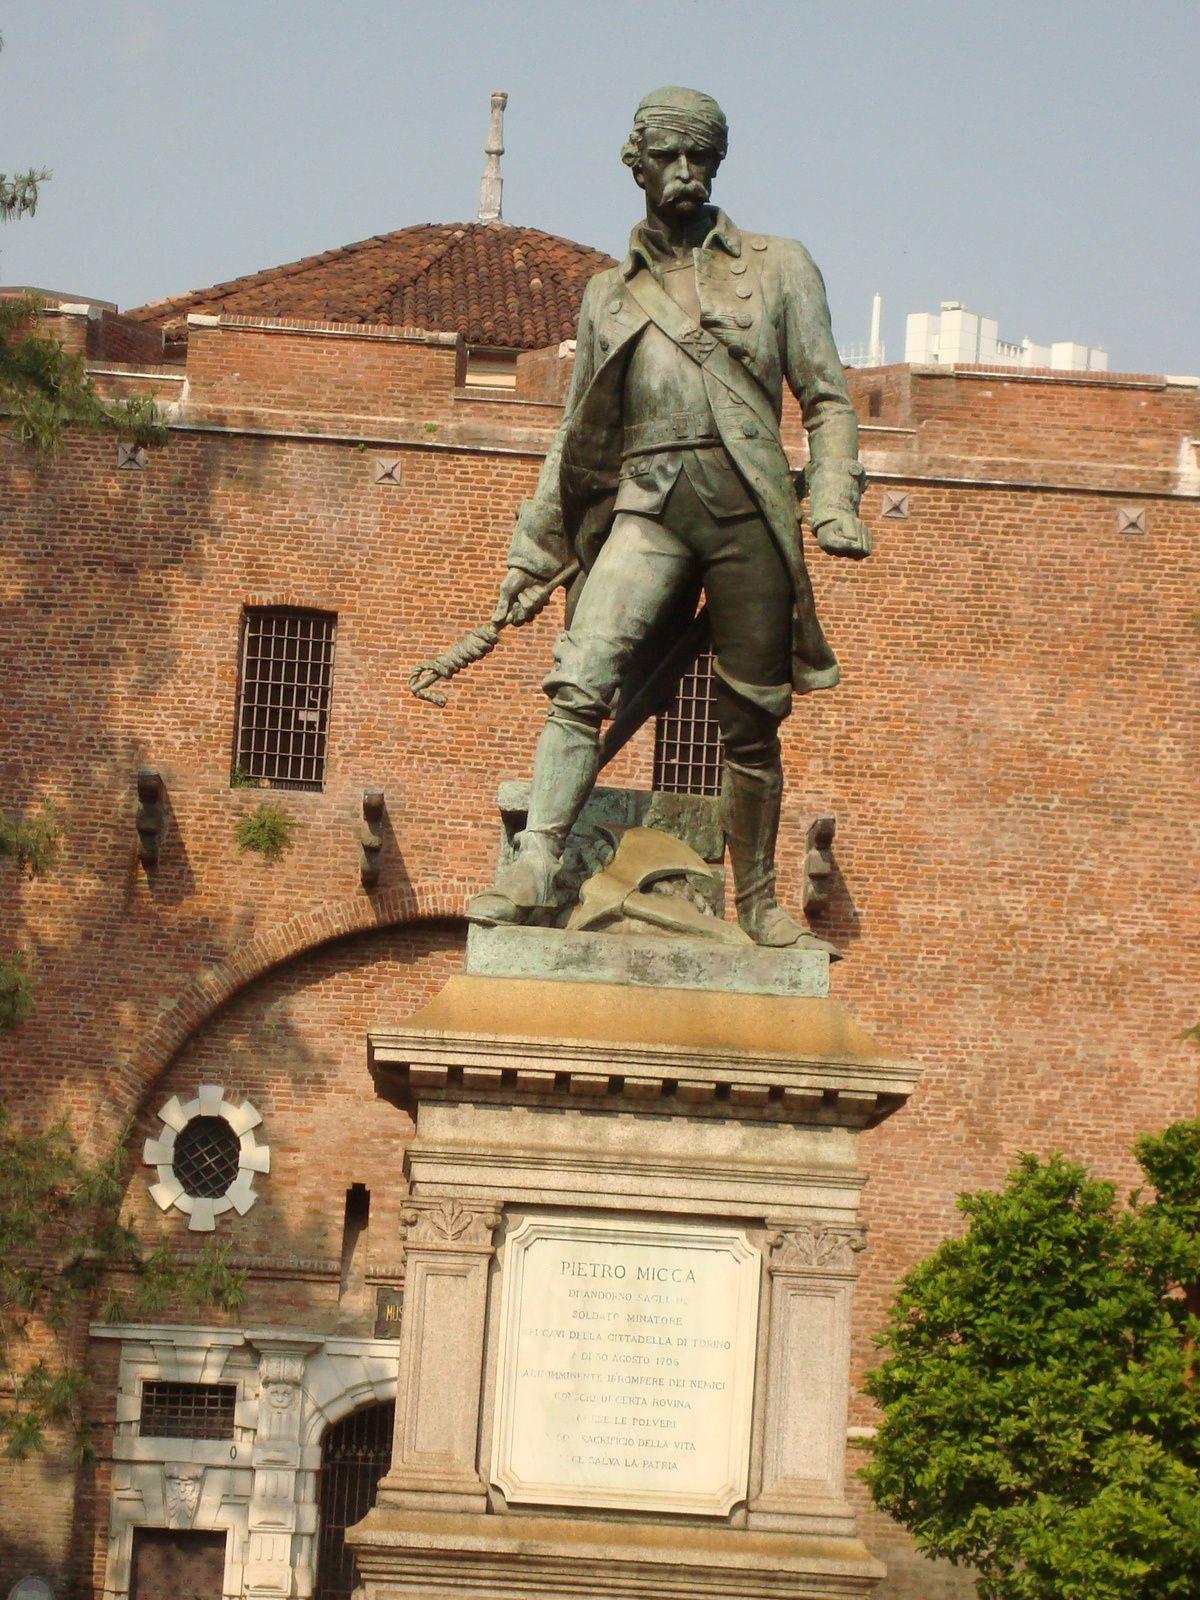 Pietro Micca à Turin, photo J.D. 6 juin 2015